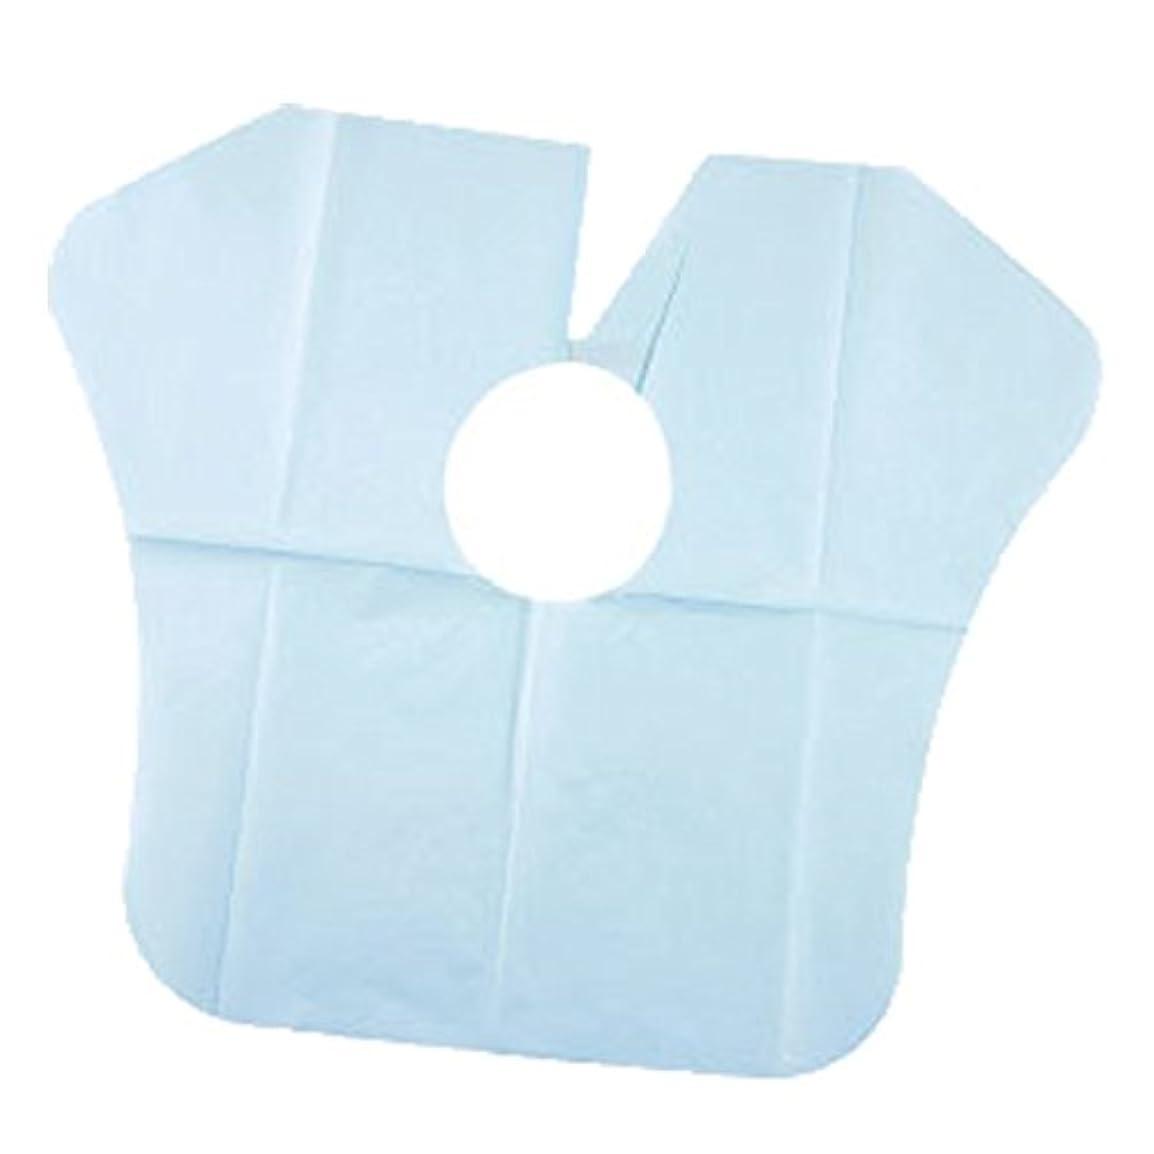 カウントアップ鳴らすパンツヨネコ ペーパーケープ 30枚入 不織布 ヘアダイクロスを汚れから守ります! YONECO